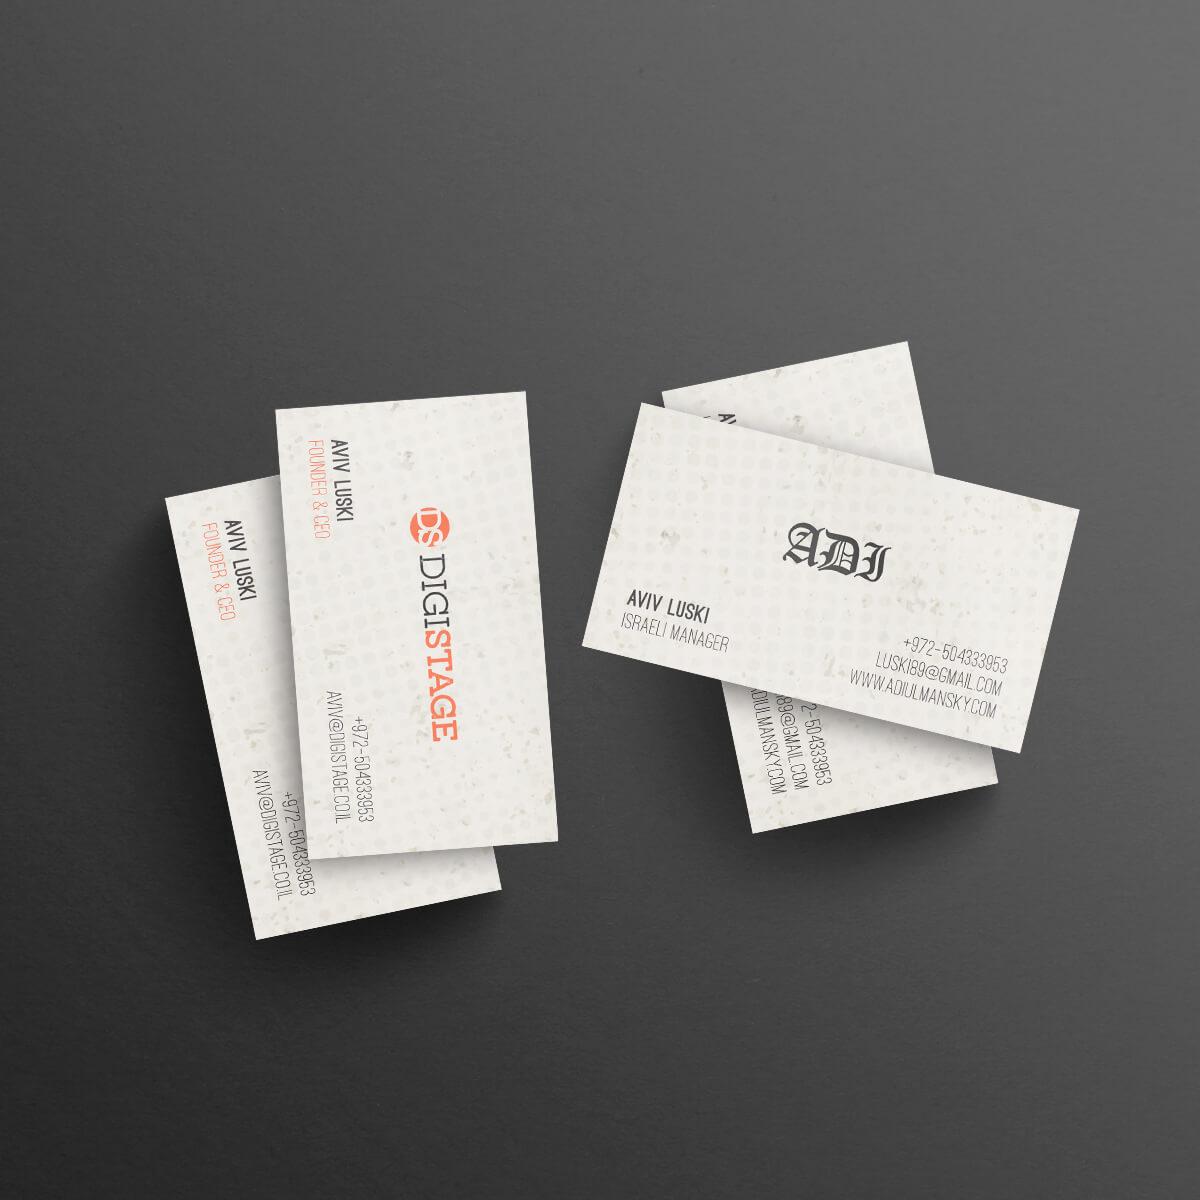 עיצוב כרטיסי ביקור לעסקים ויזמים אביב לוסקי | ליאור דקל ליבה